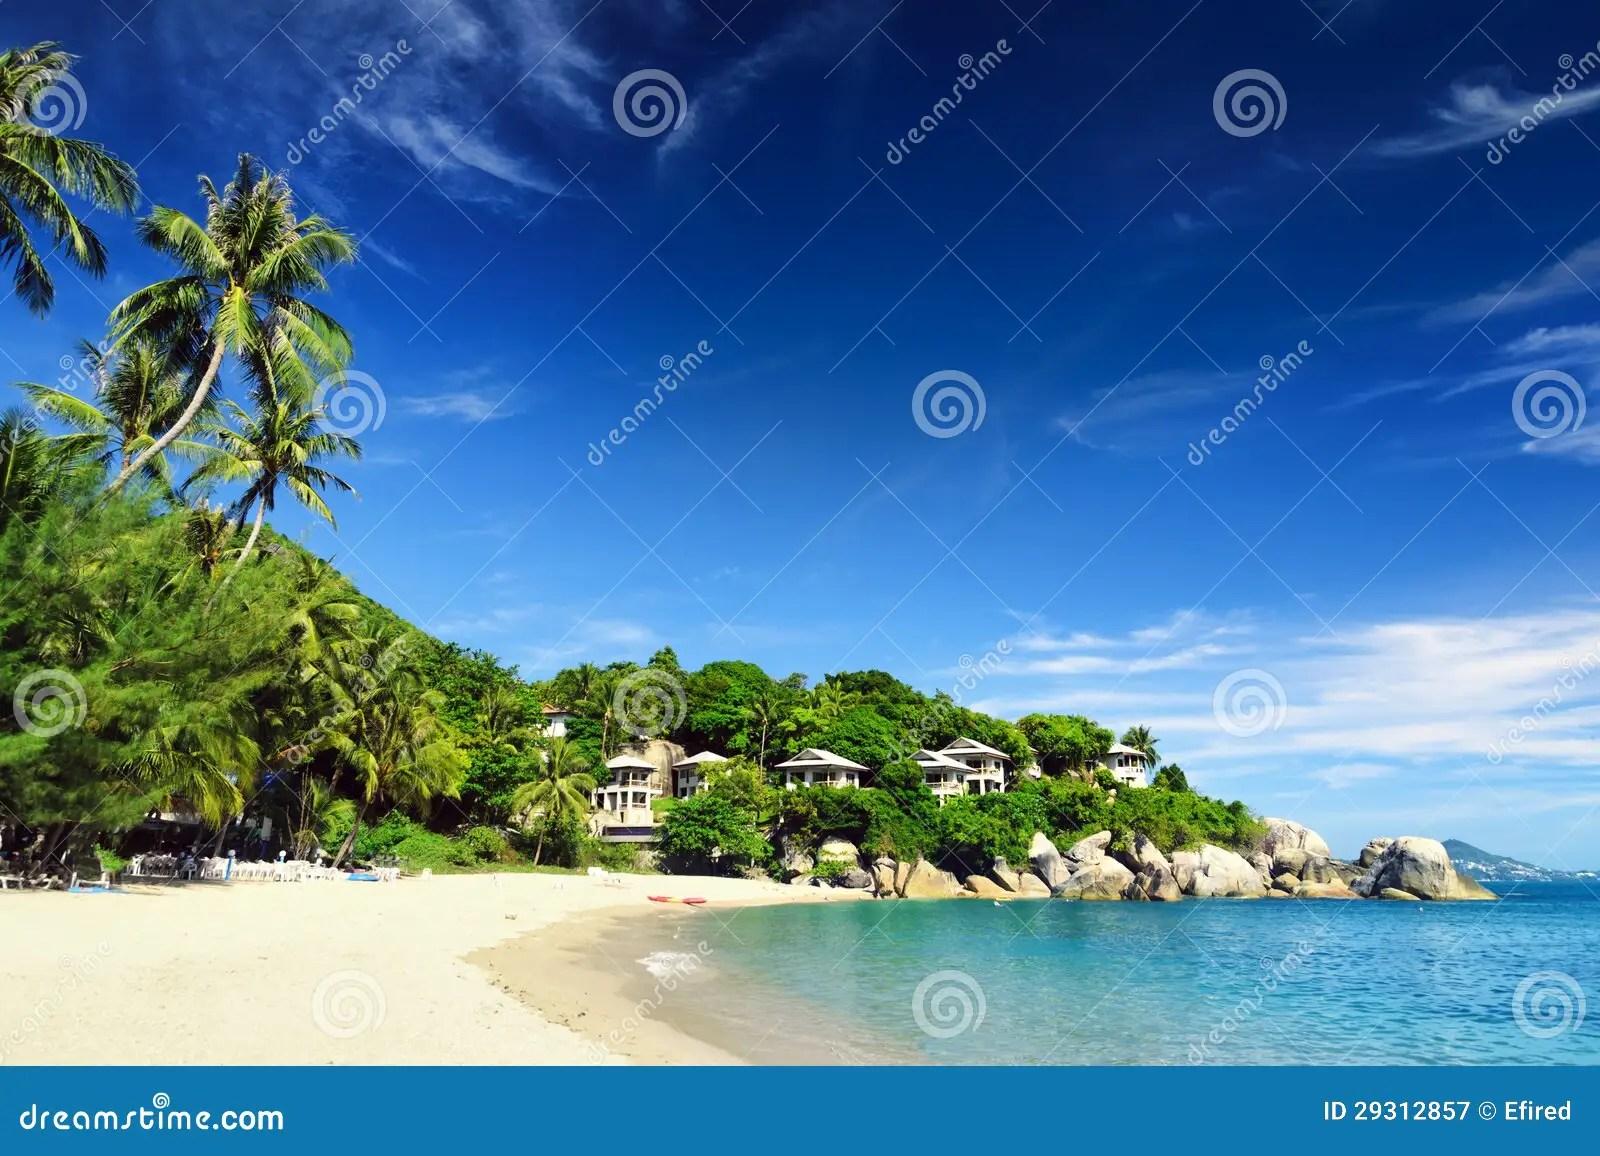 Bello Paesaggio Tropicale Isola Di Samui Tailandia